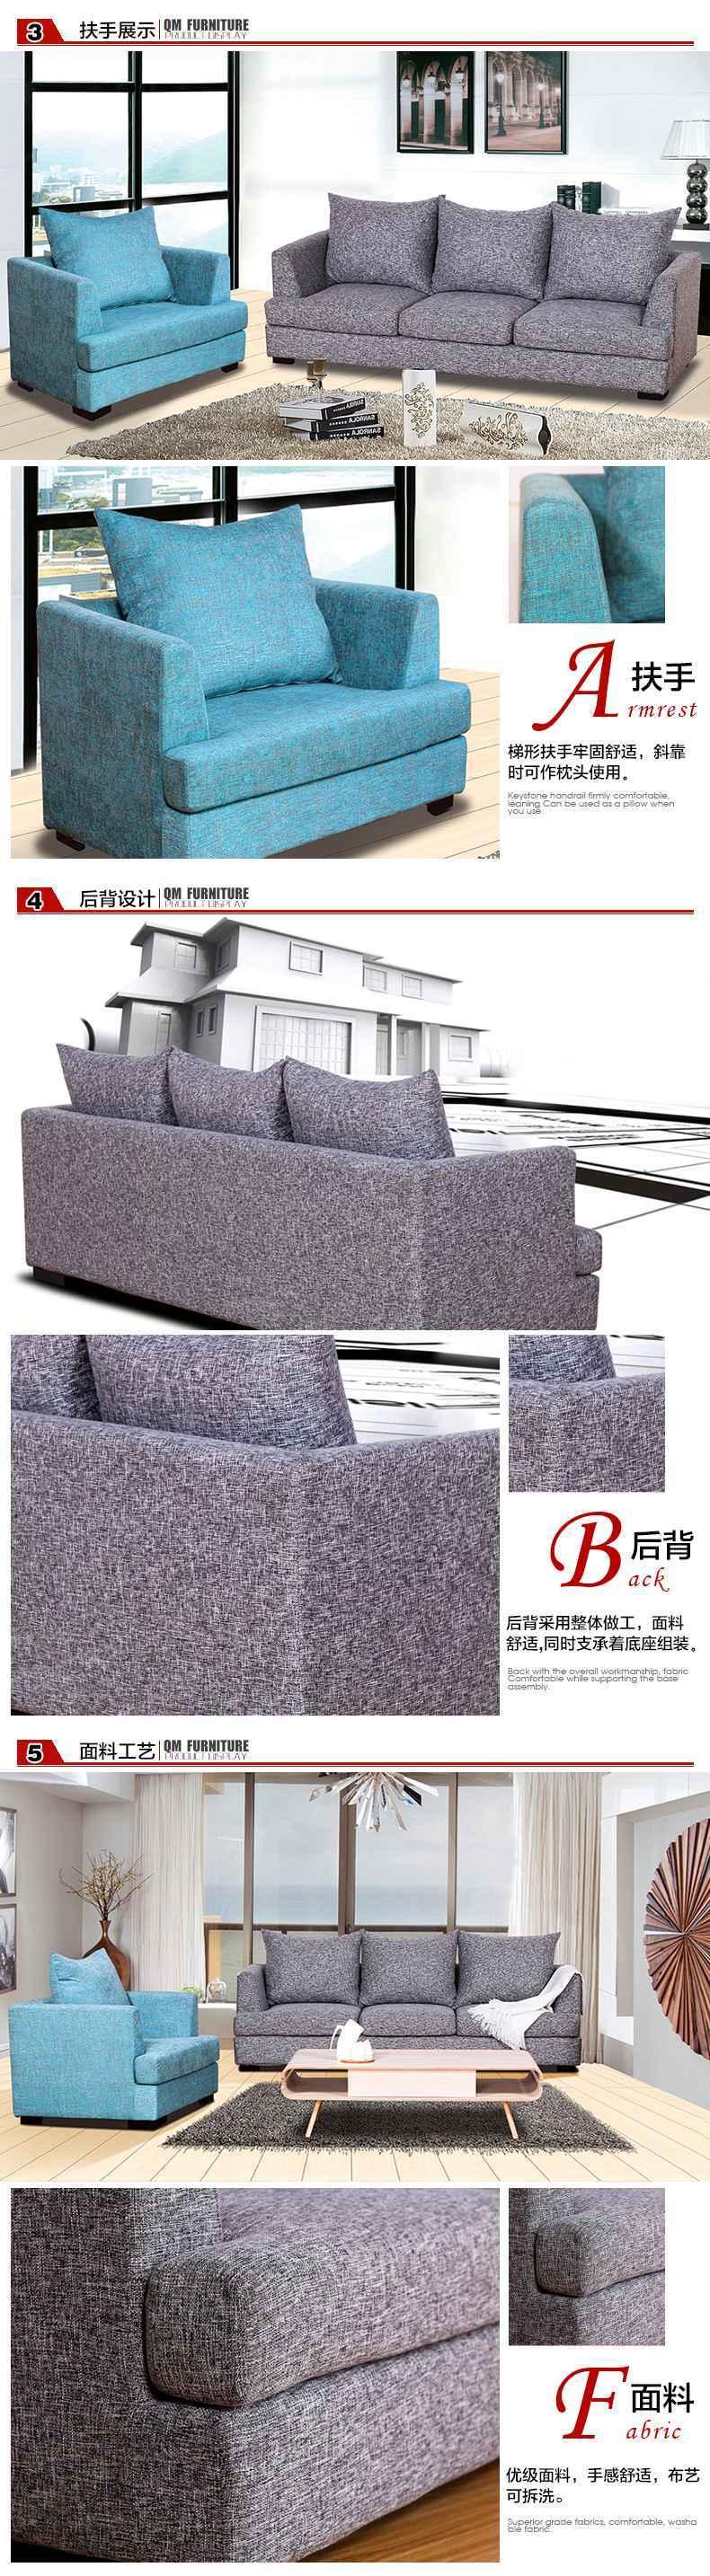 曲美家具家居 简约现代 可拆洗布艺沙发 多尺寸可选